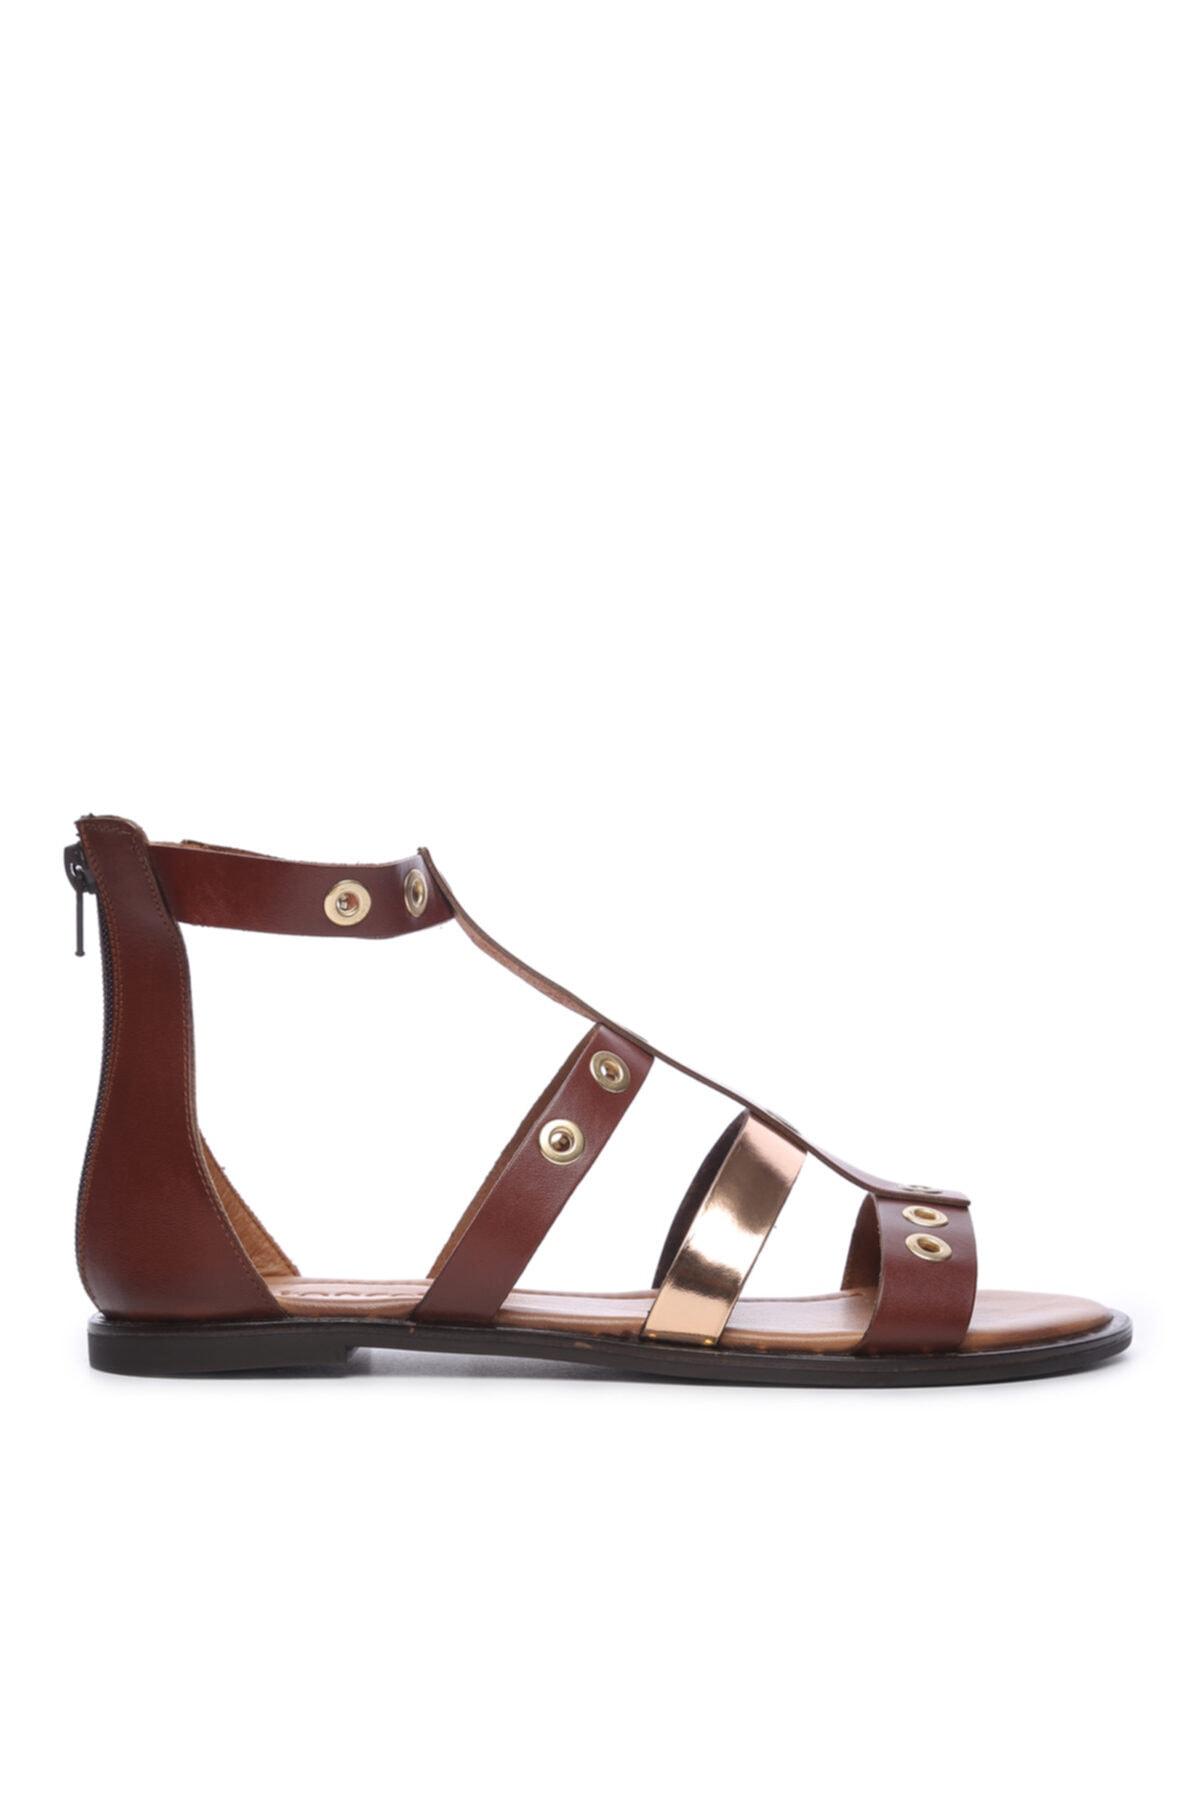 KEMAL TANCA Kadın Derı Sandalet Sandalet 169 7280 Bn Sndlt 1